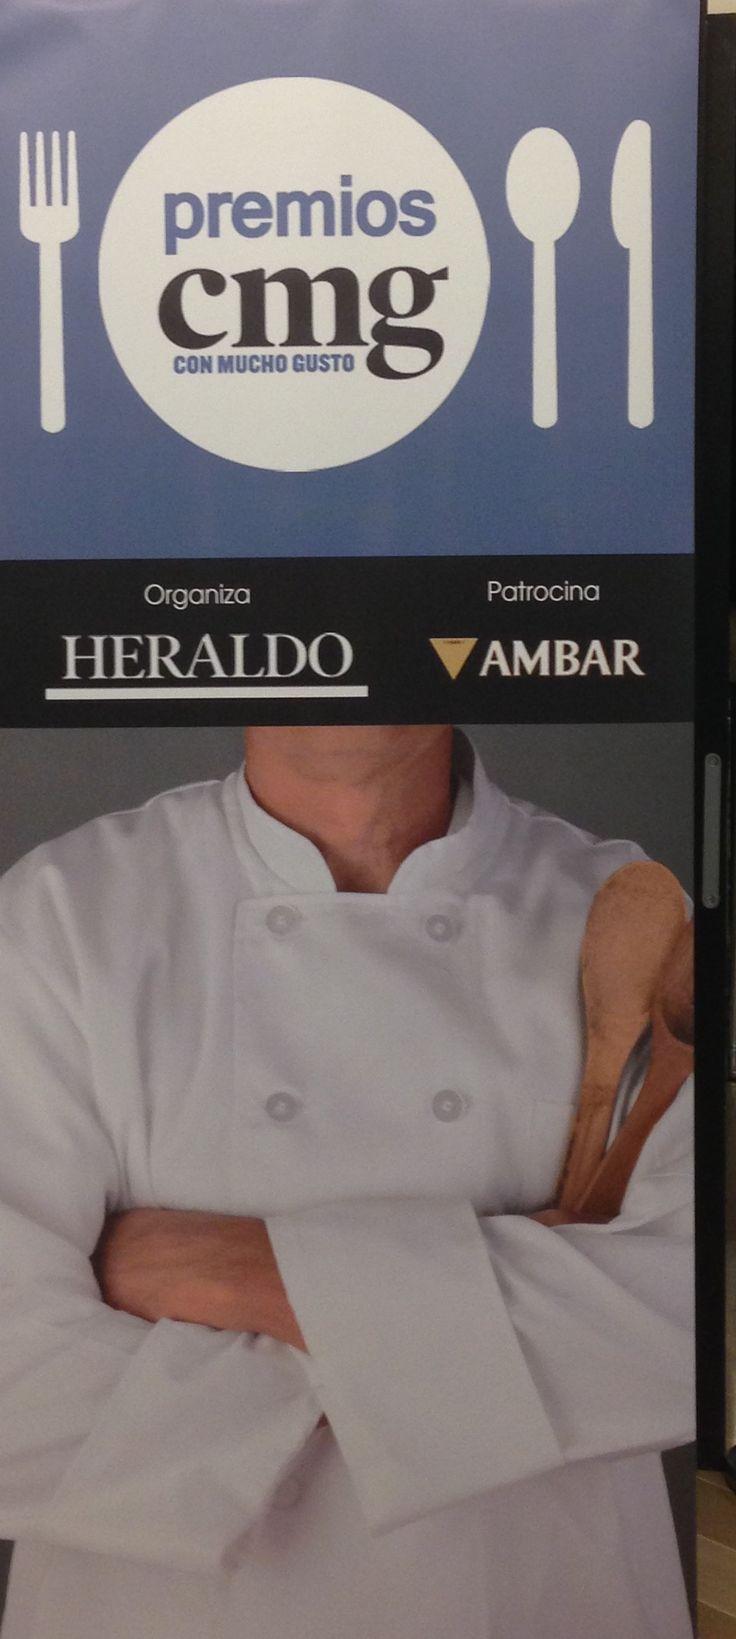 """Hoy tenemos el placer de albergar en el Auditorio Condes de Barcelona del Hotel Reina Petronila los """"Premios Con Mucho Gusto"""", donde se premiará al mundo de la hostelería, gastronomía y cocina de Aragón :)"""